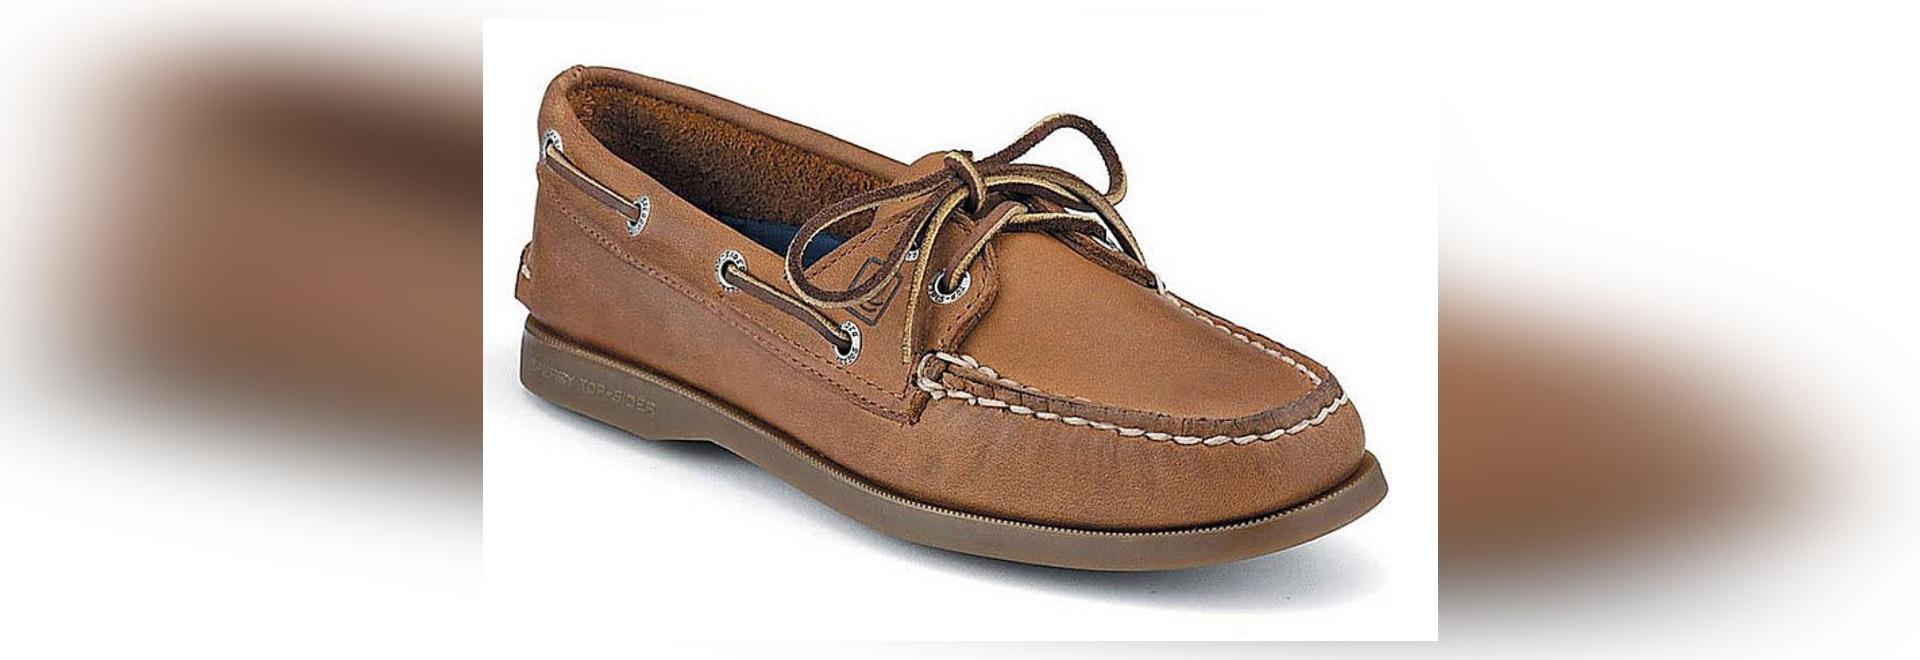 NUEVO zapatos de la cubierta de Sperry Top Sider